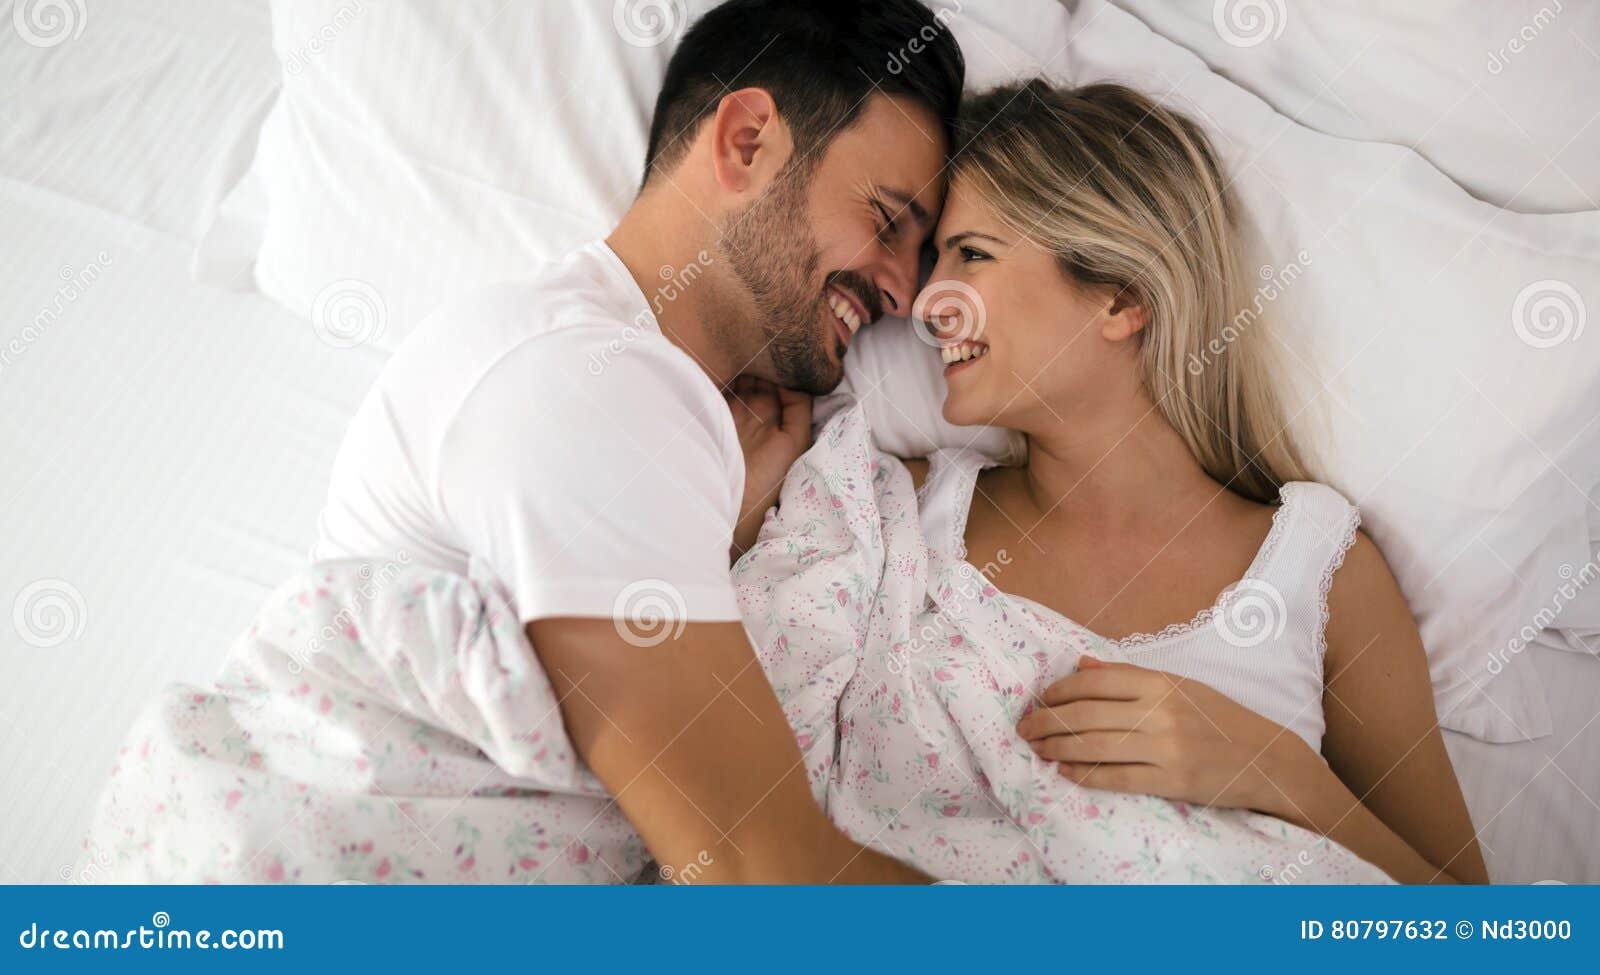 couples romantiques dans le lit dans les chemises de nuit photo stock image 80797632. Black Bedroom Furniture Sets. Home Design Ideas